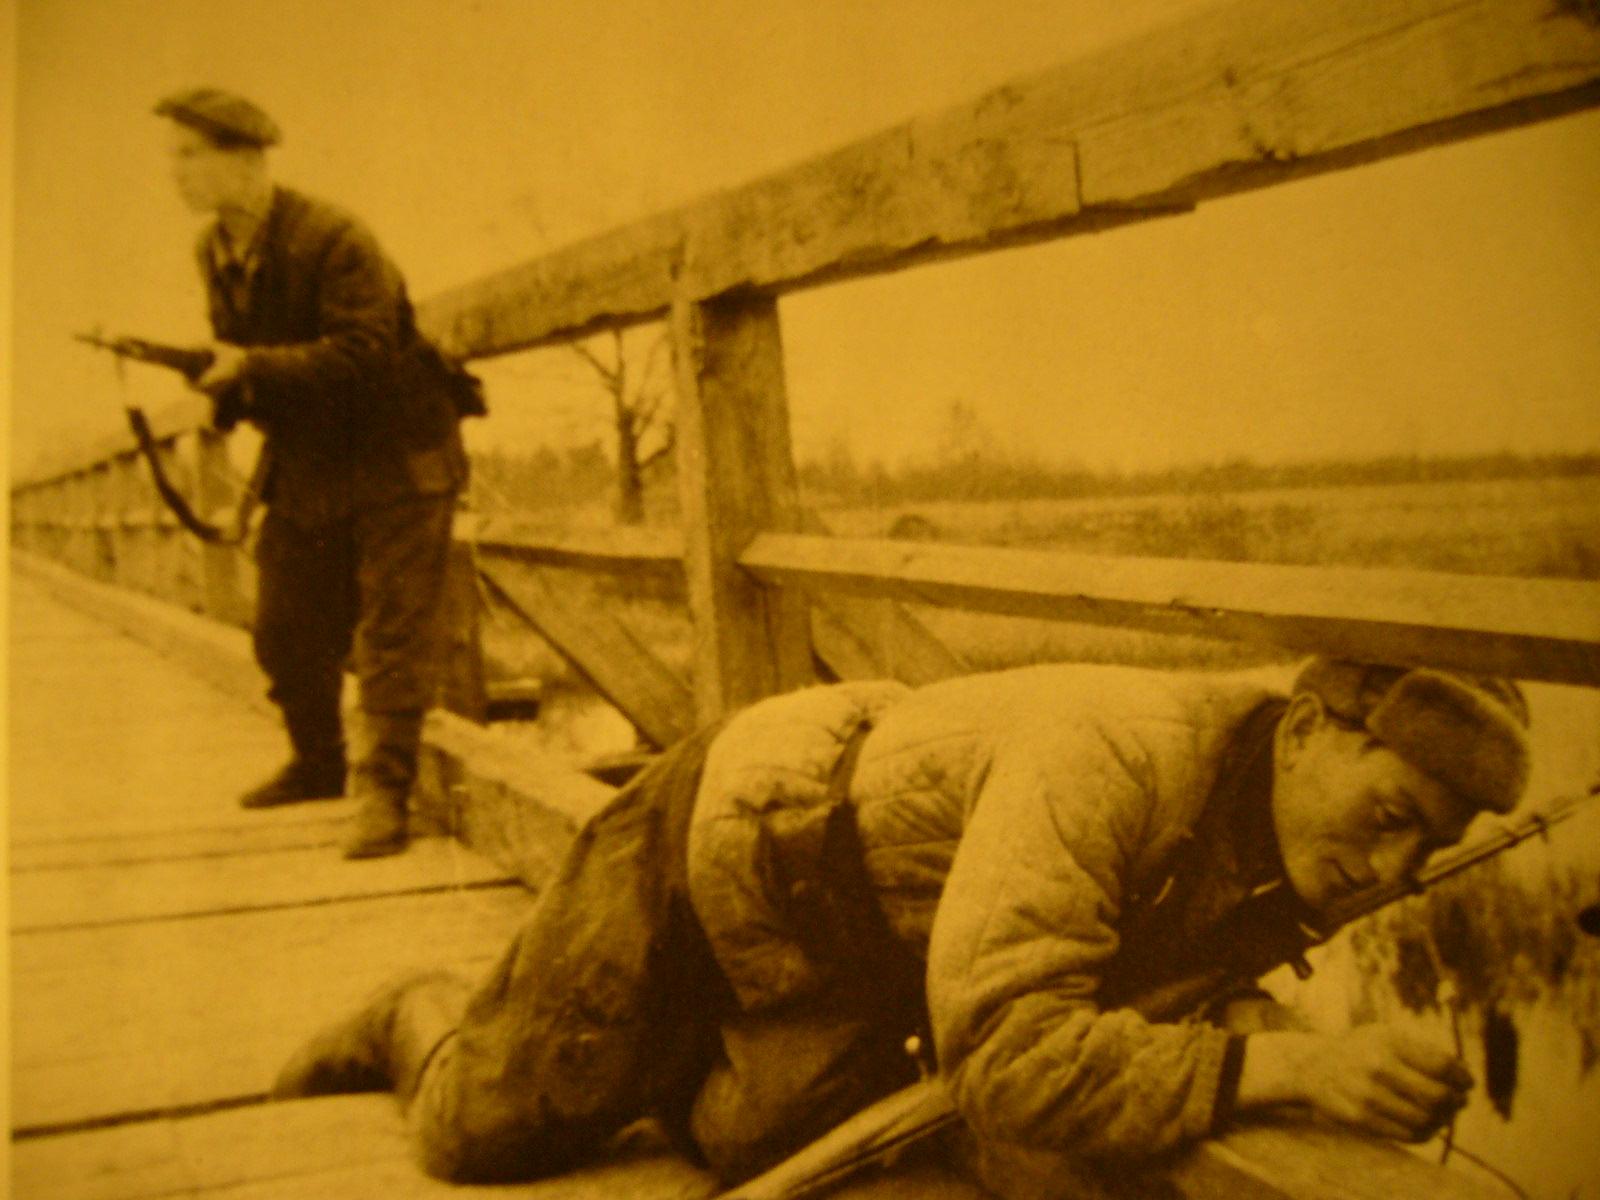 Fotografias increibles de la Segunda Guerra Mundial 4146133p1090923